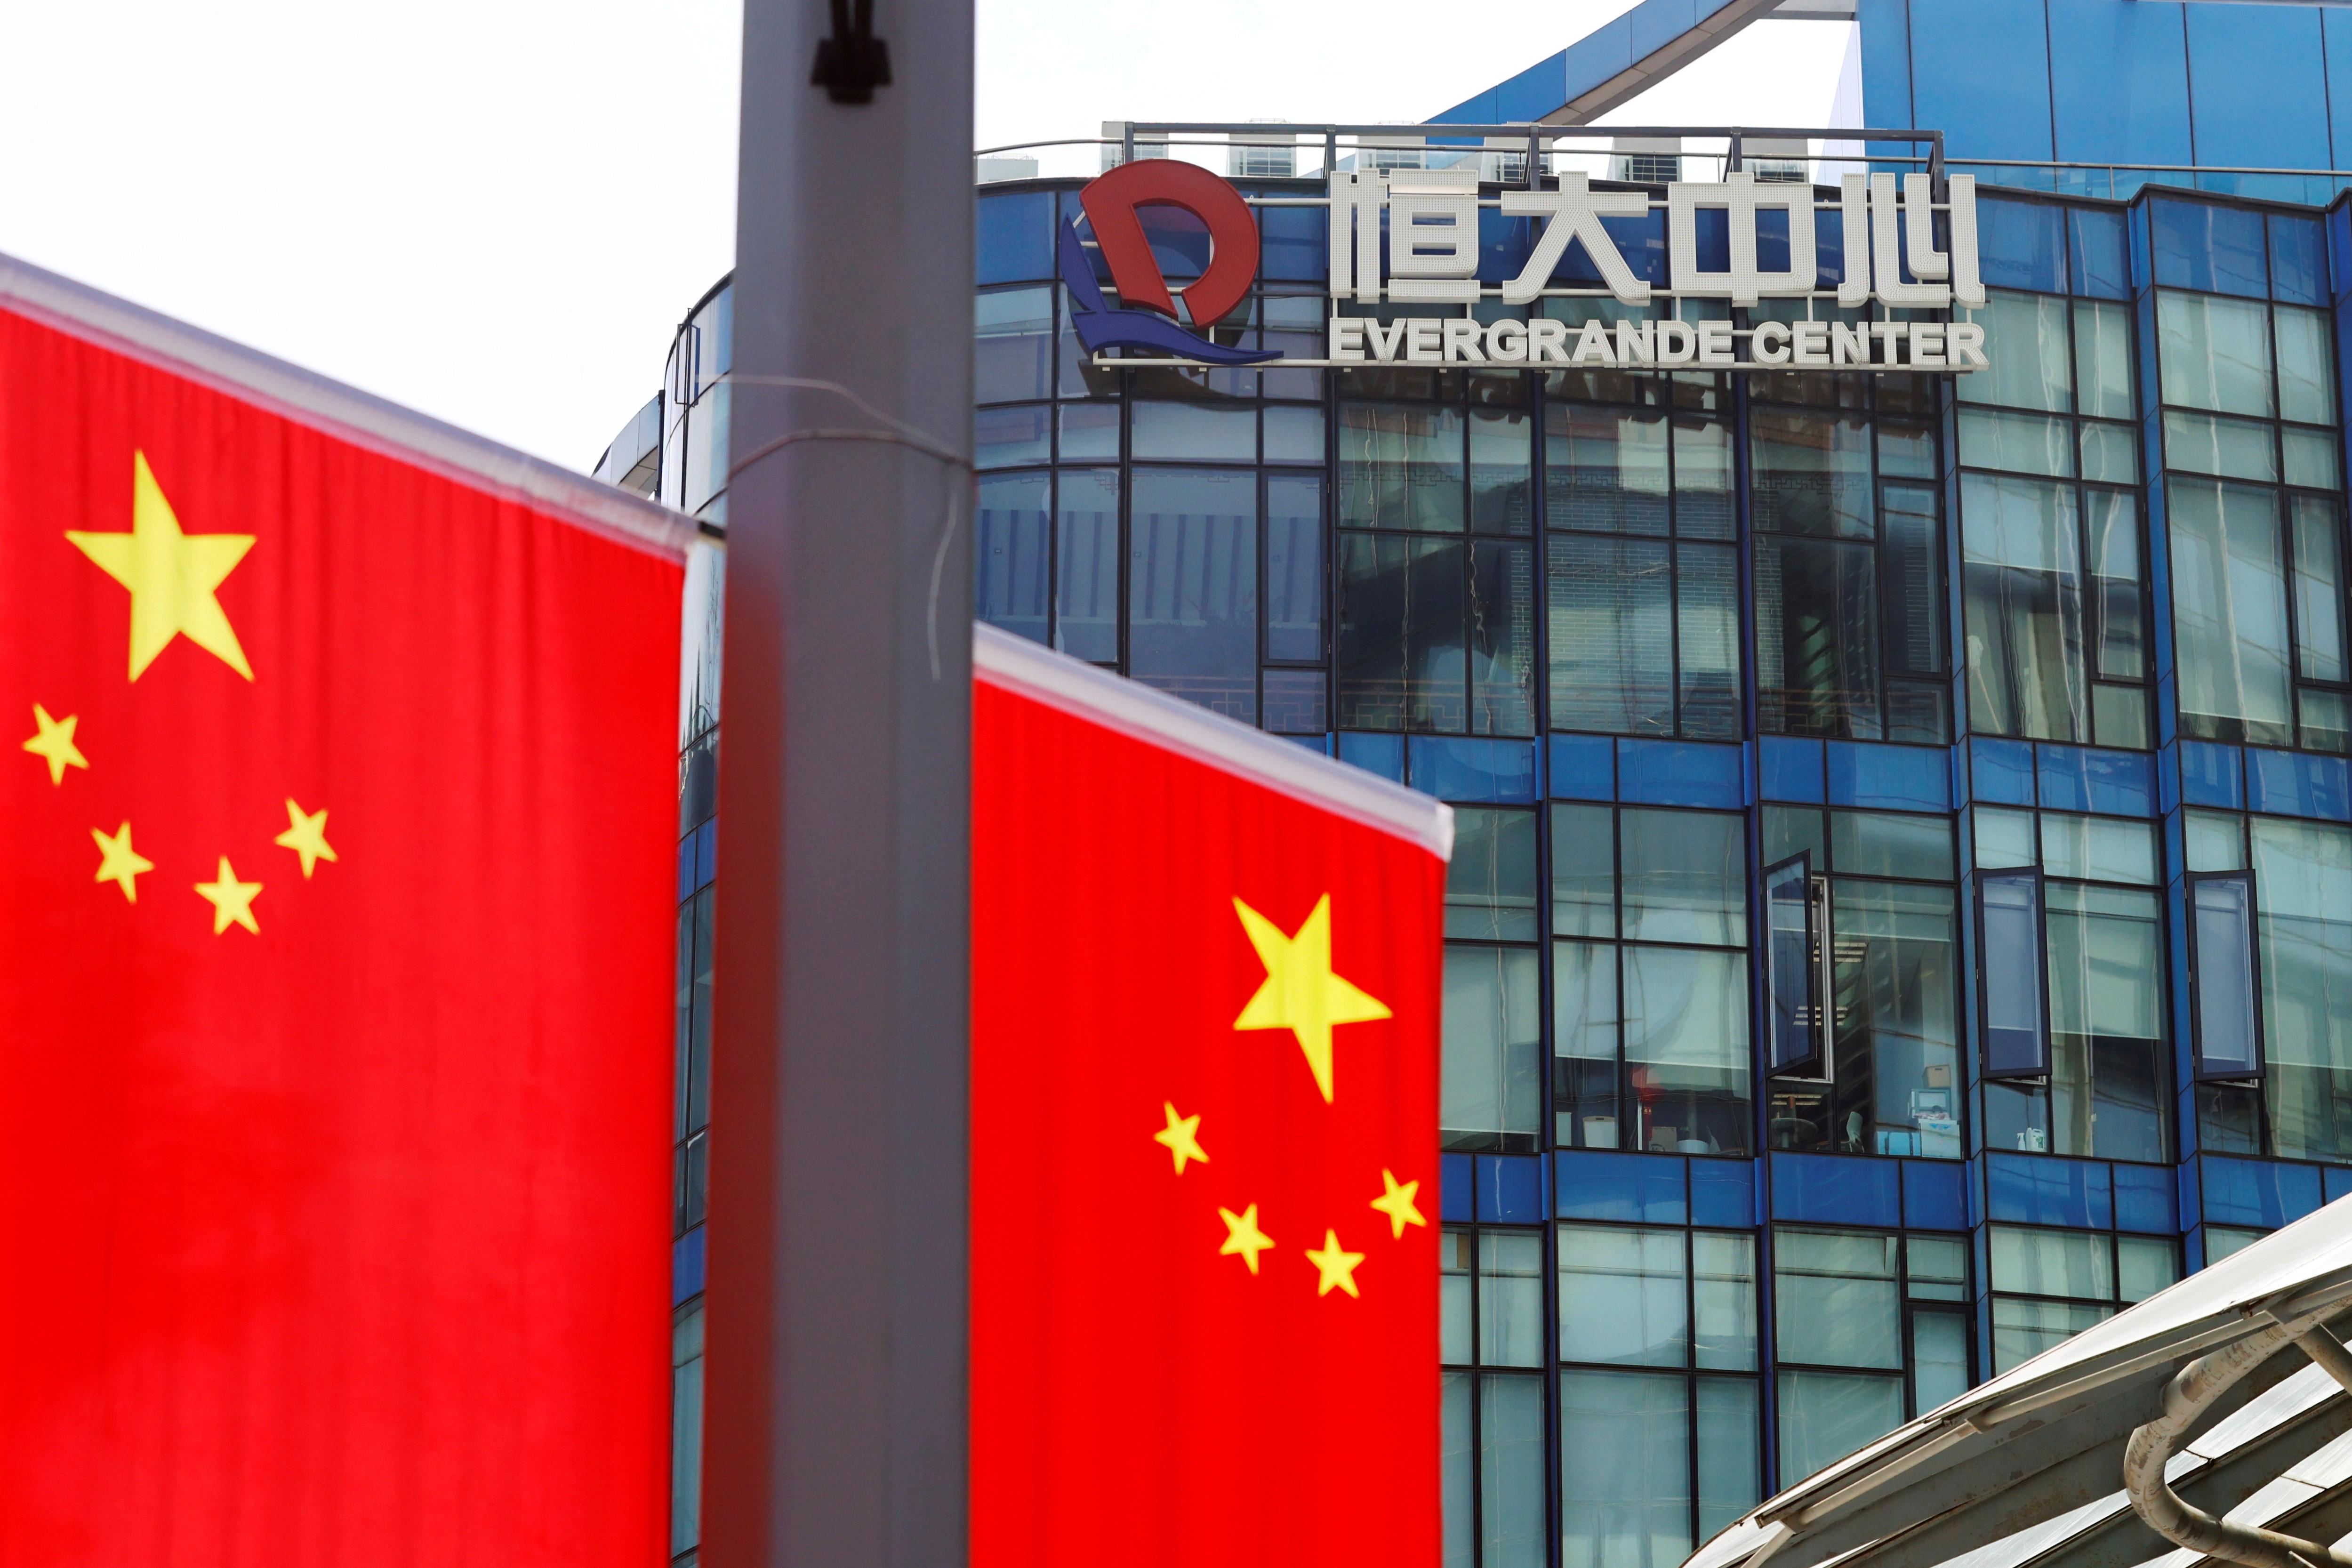 Bandeiras da China são vistas perto do logotipo do Grupo Evergrande em Xangai, na China